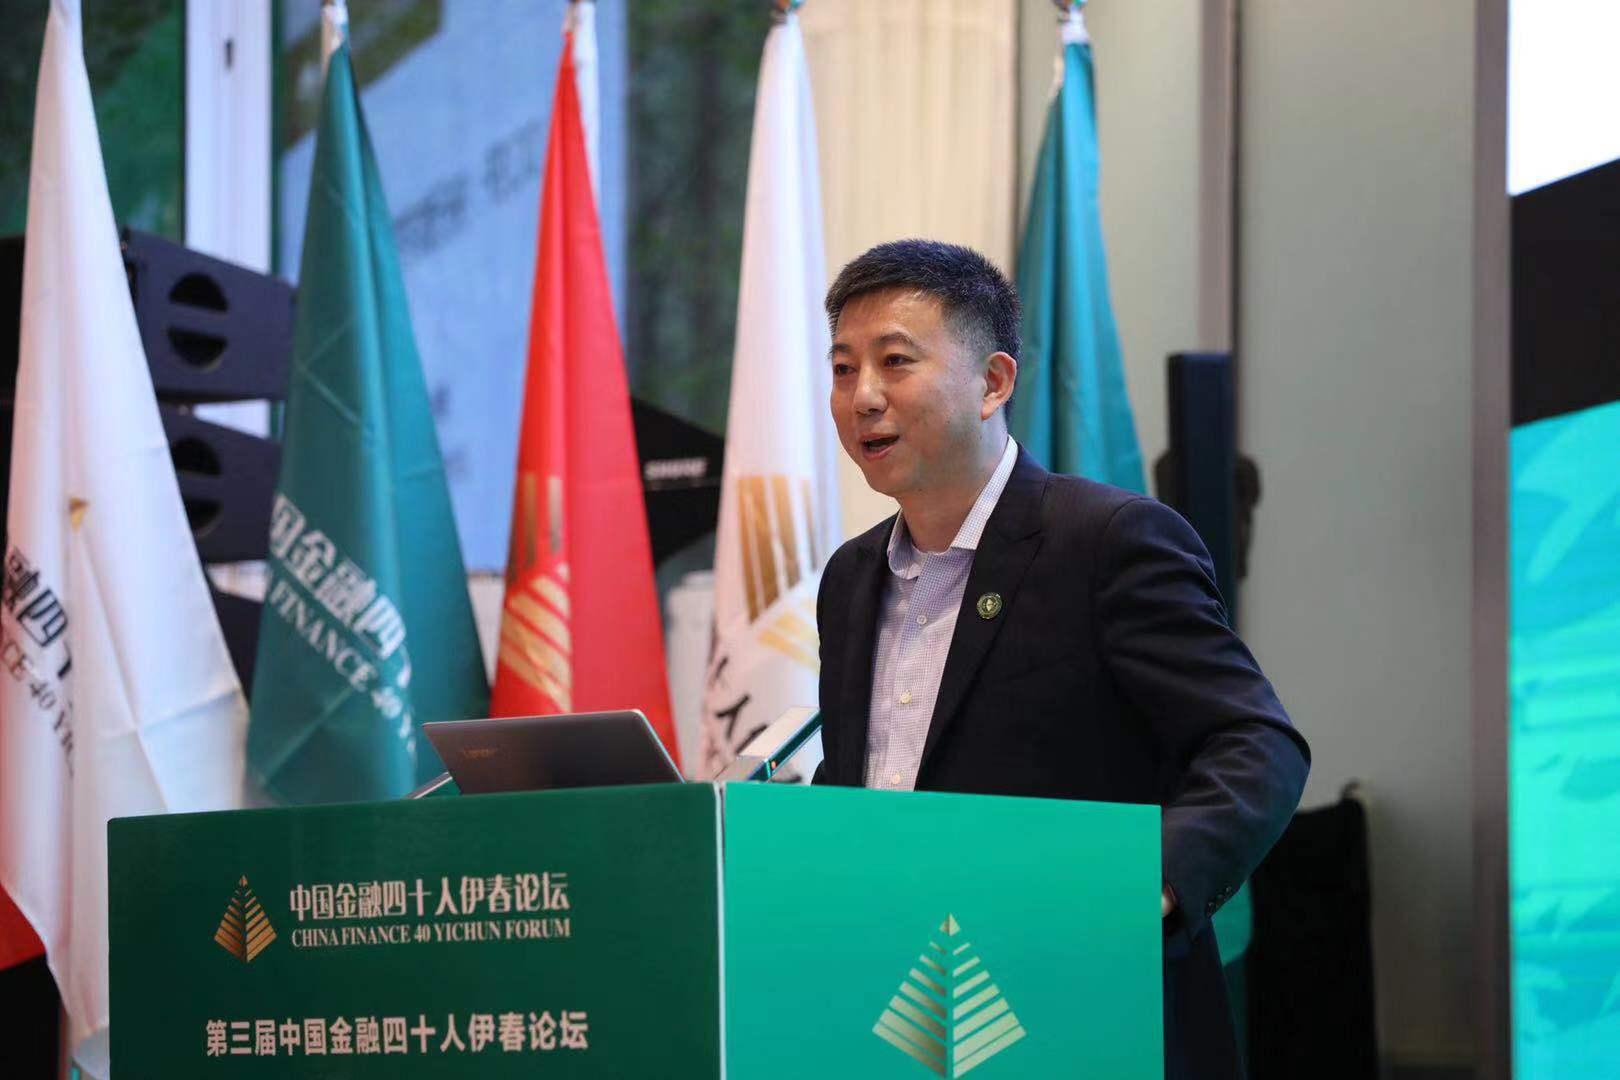 穆长春 中国人民银行支付结算司副司长